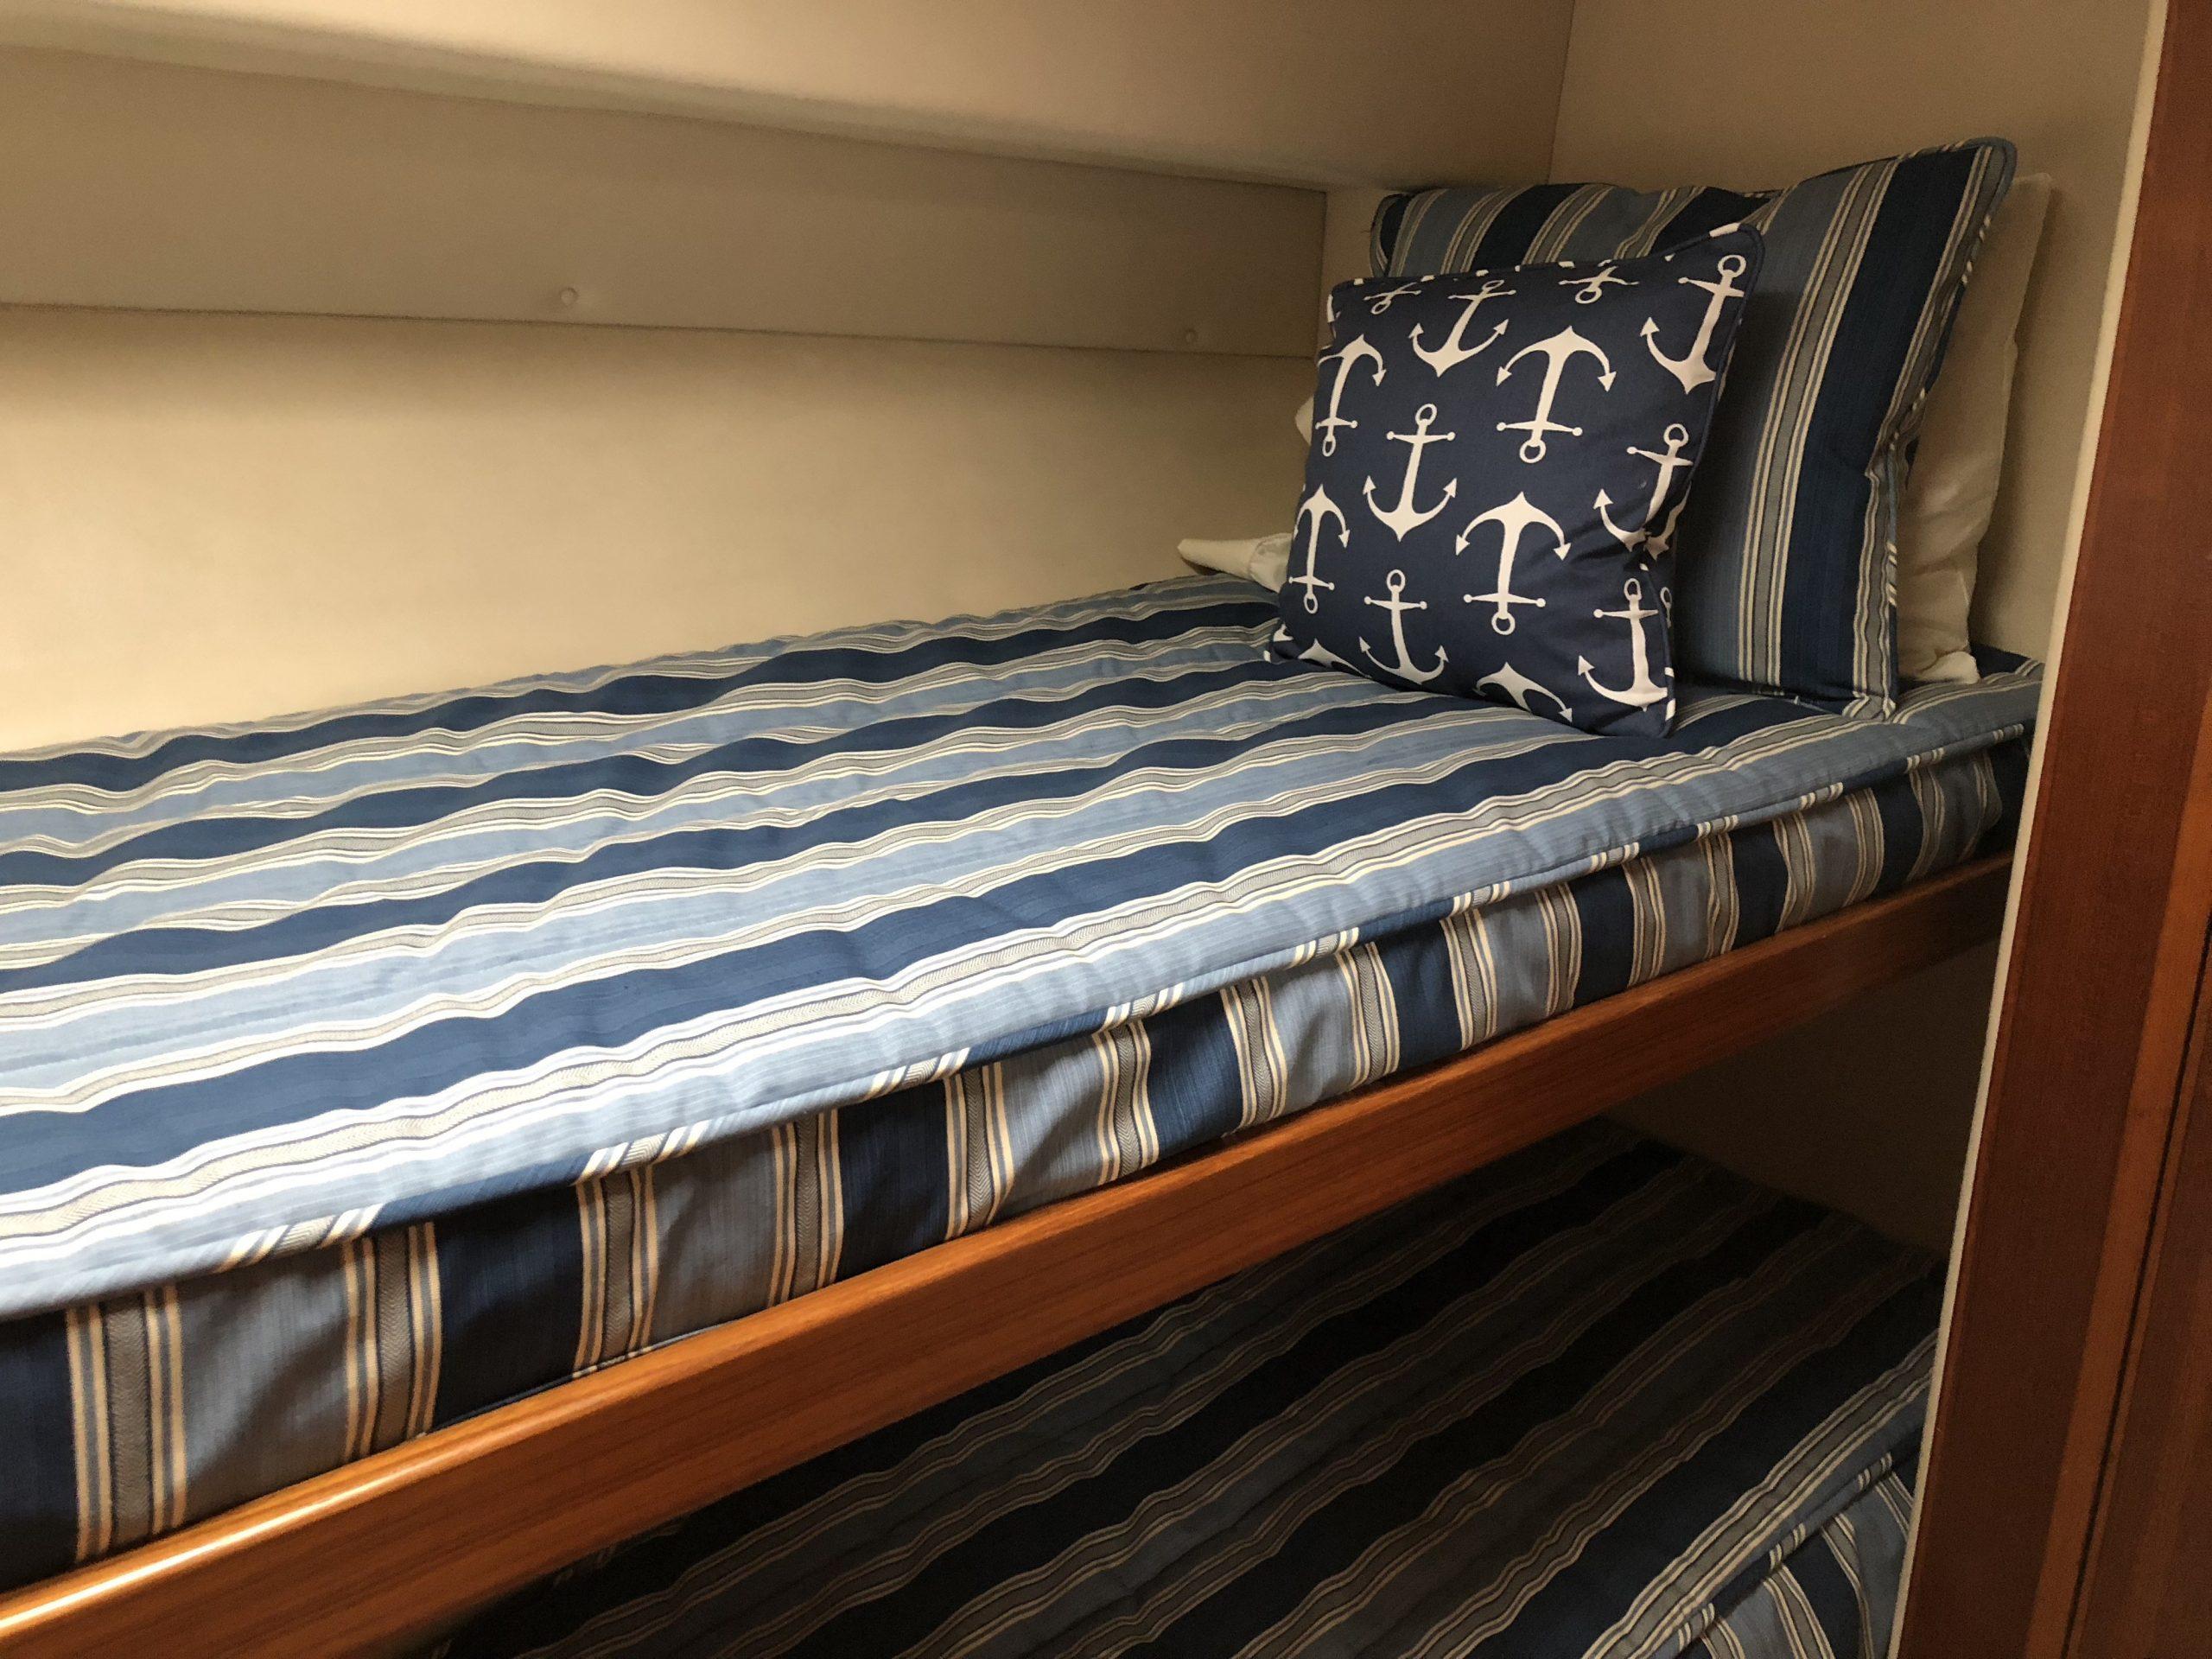 Riveria 36 Bedding